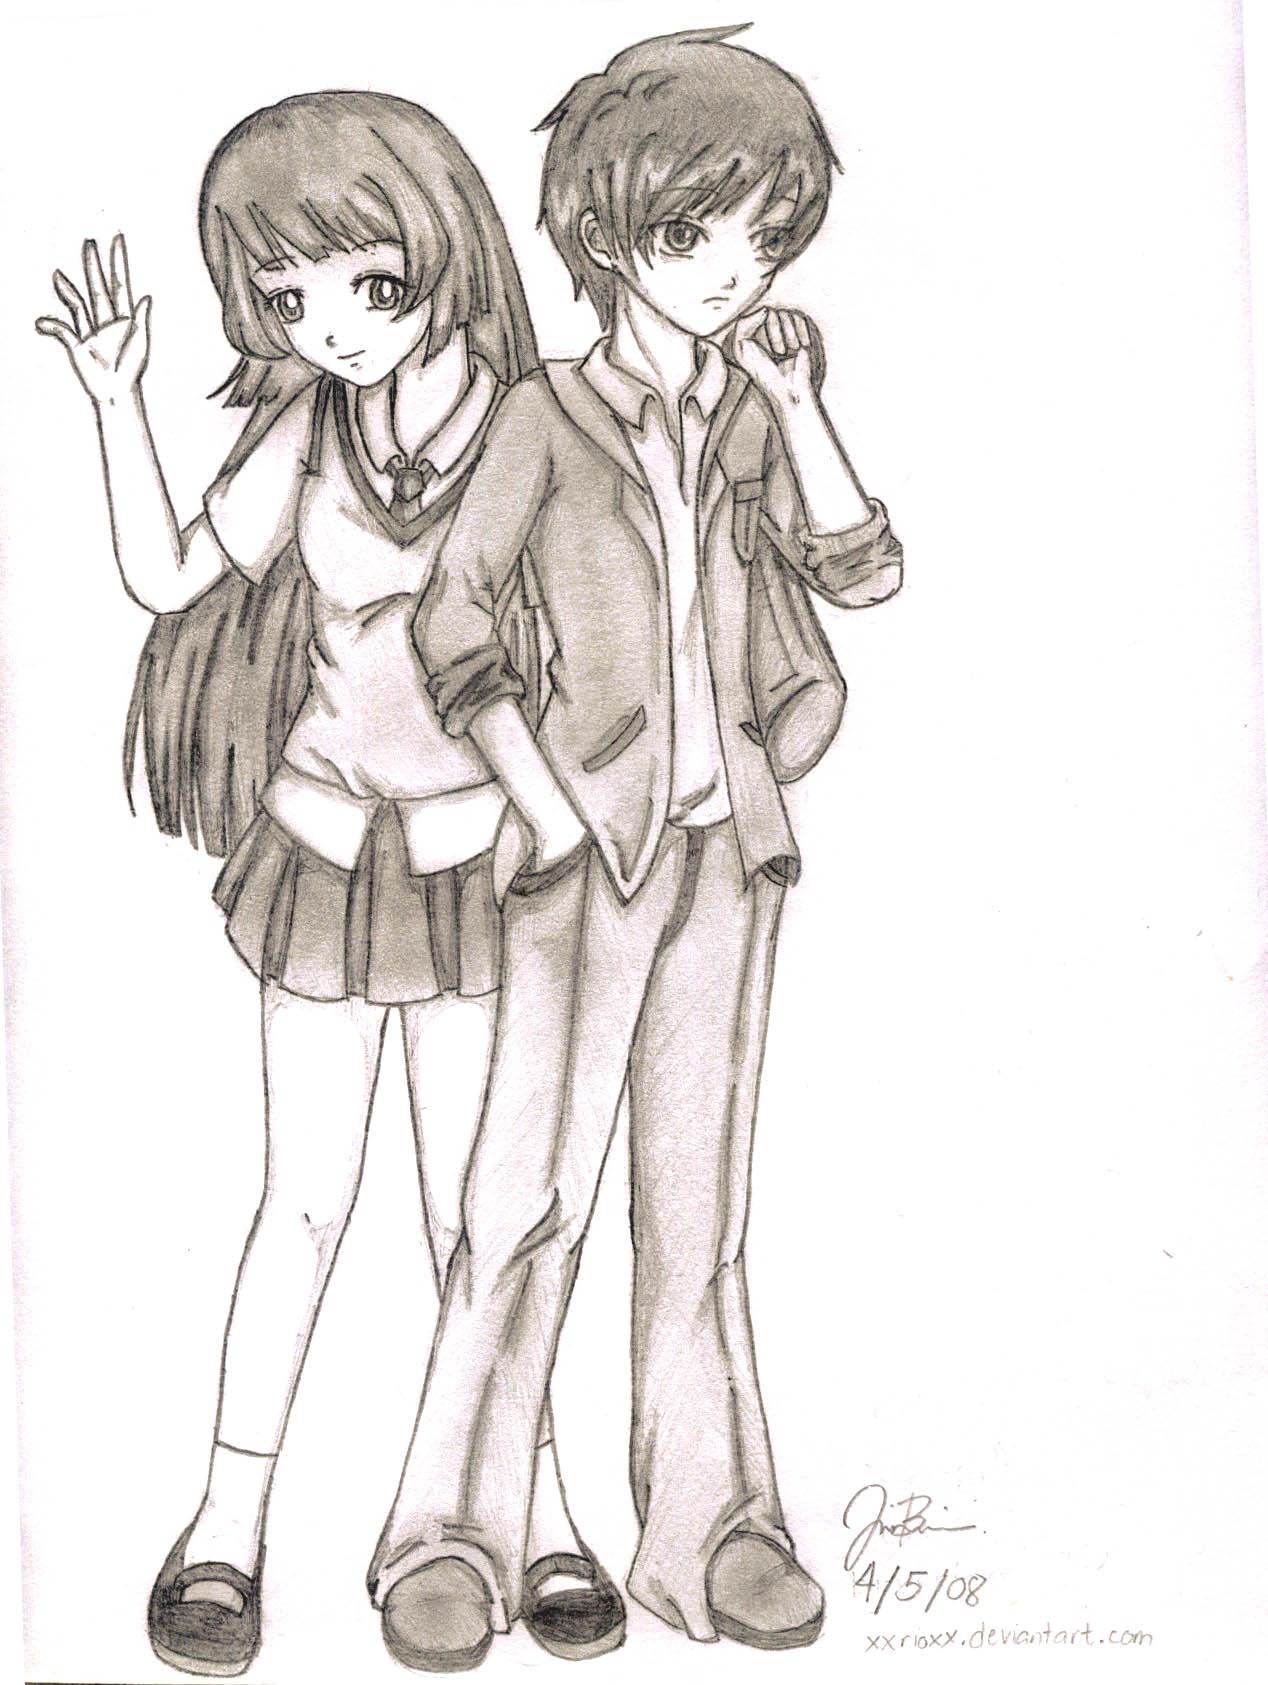 Random Anime Couple by xxrioxx